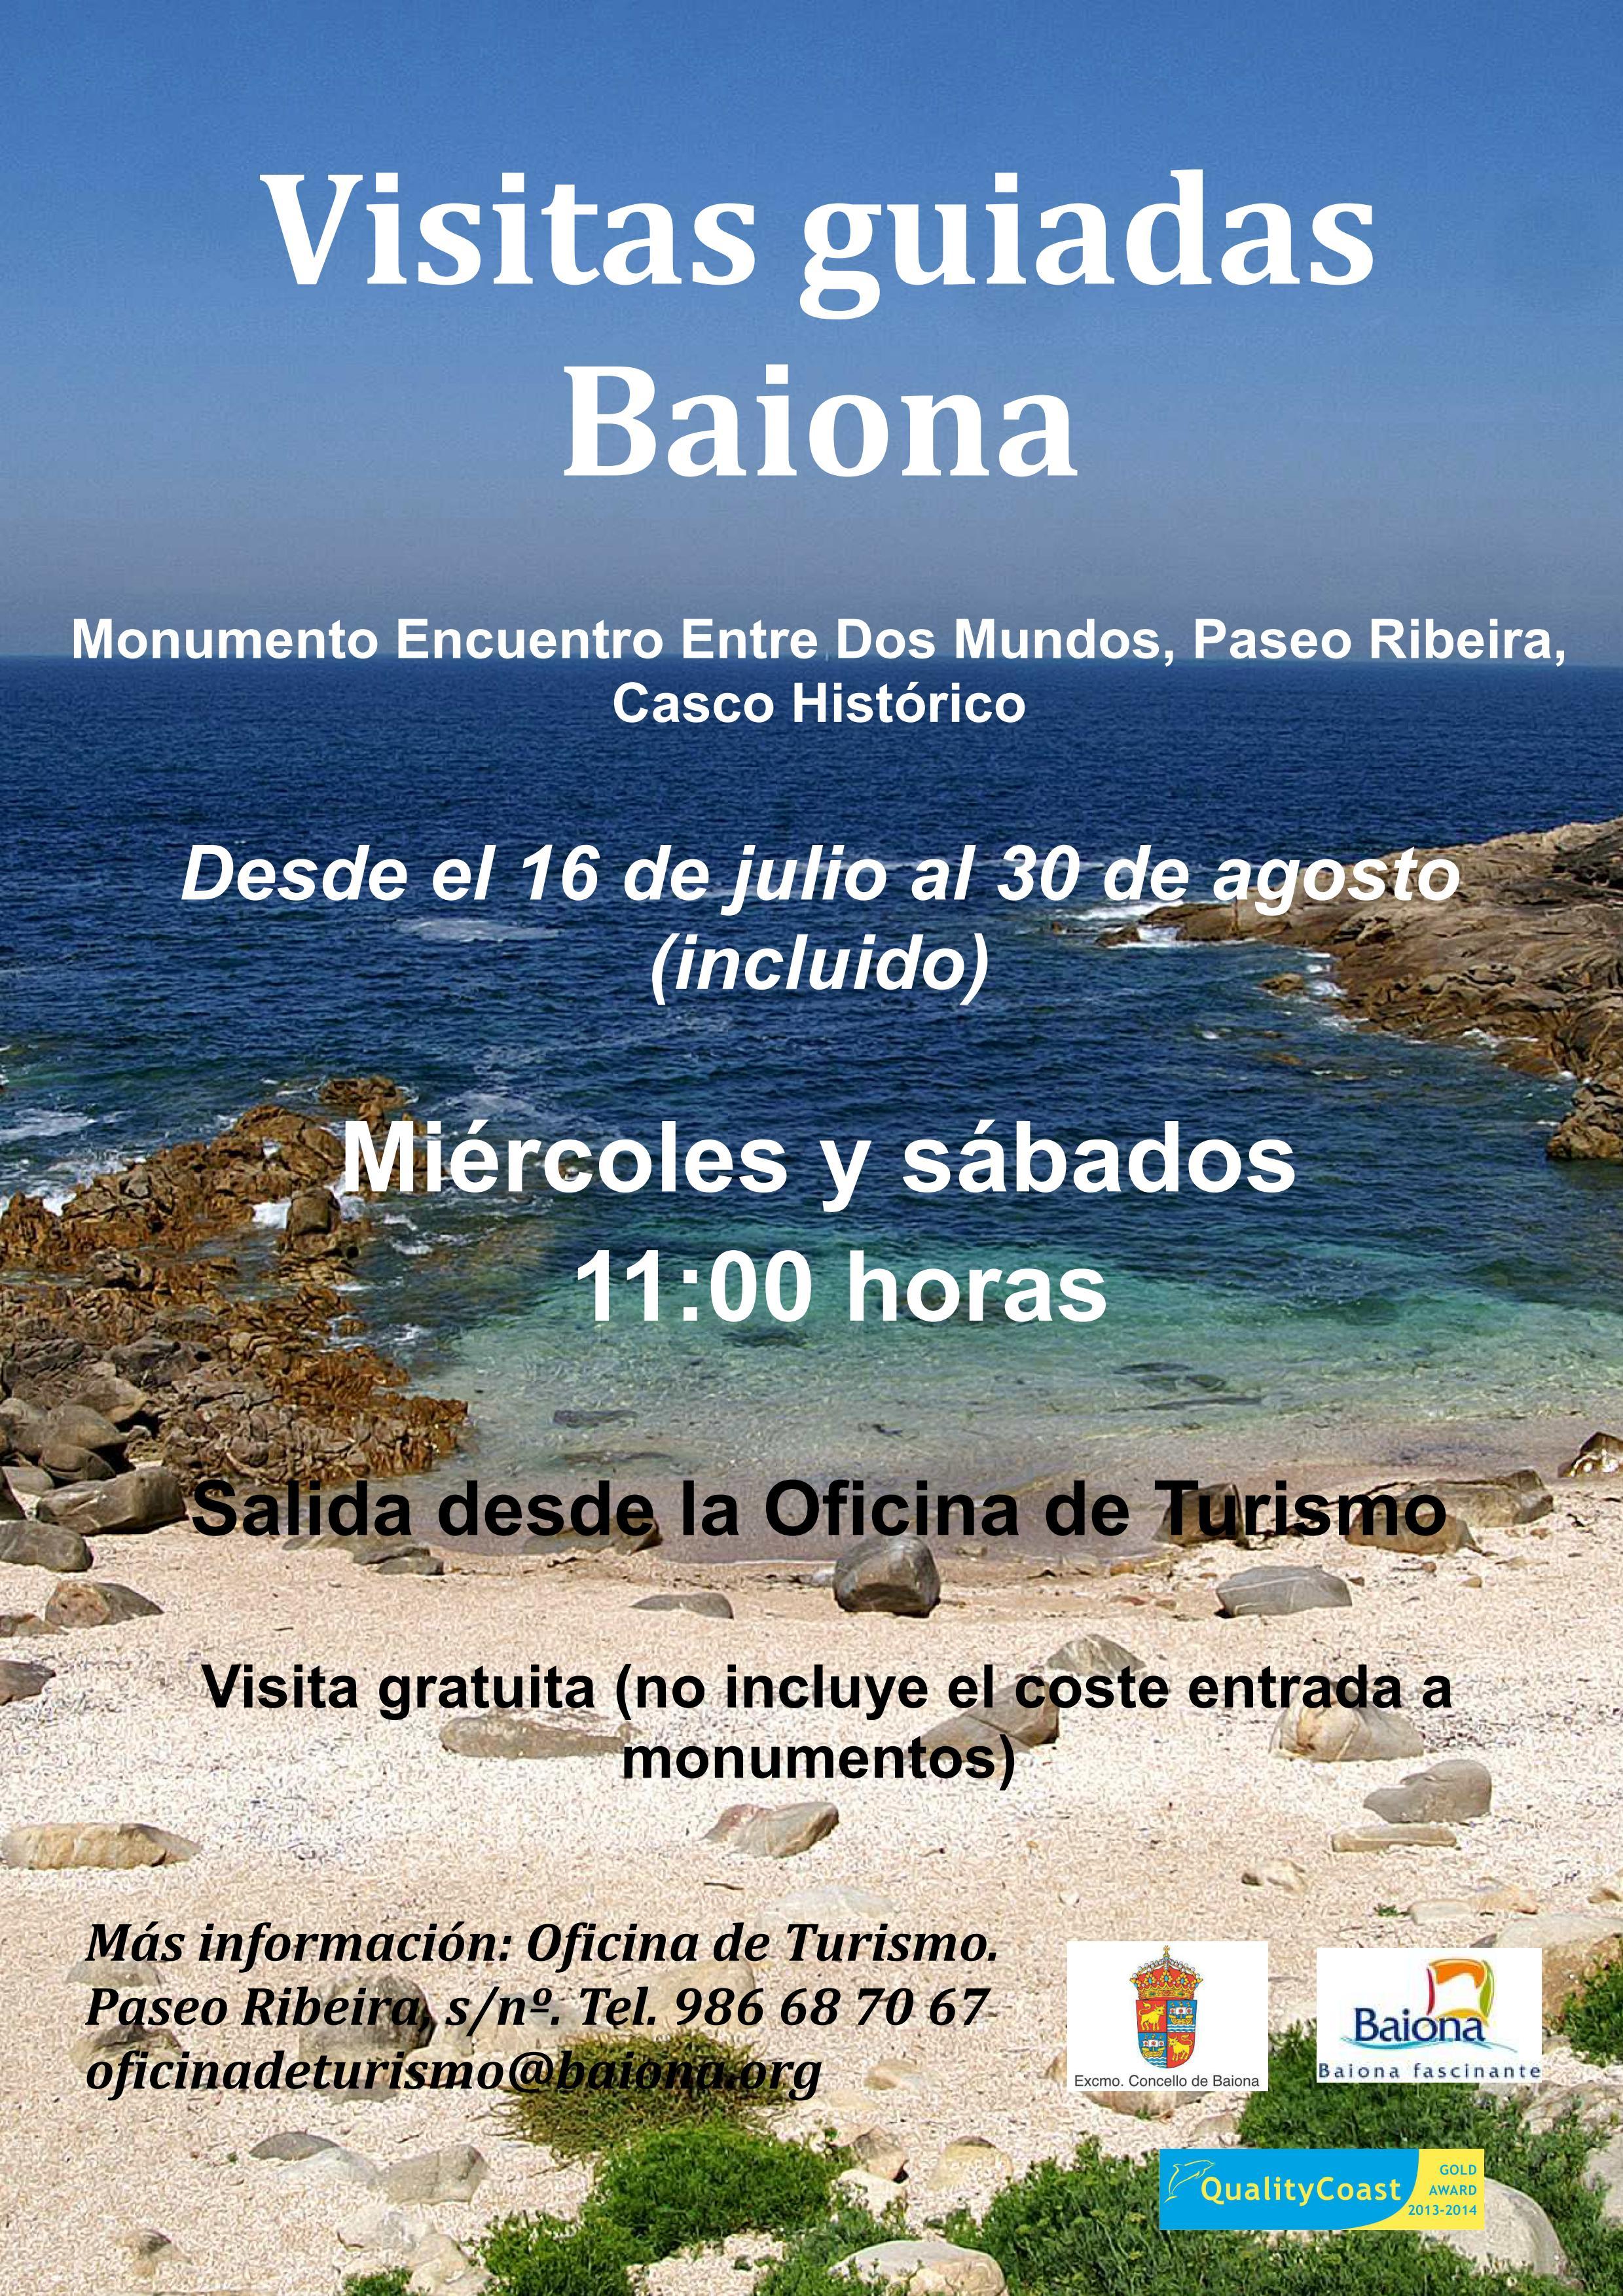 Baiverán: Verano en Baiona 2014